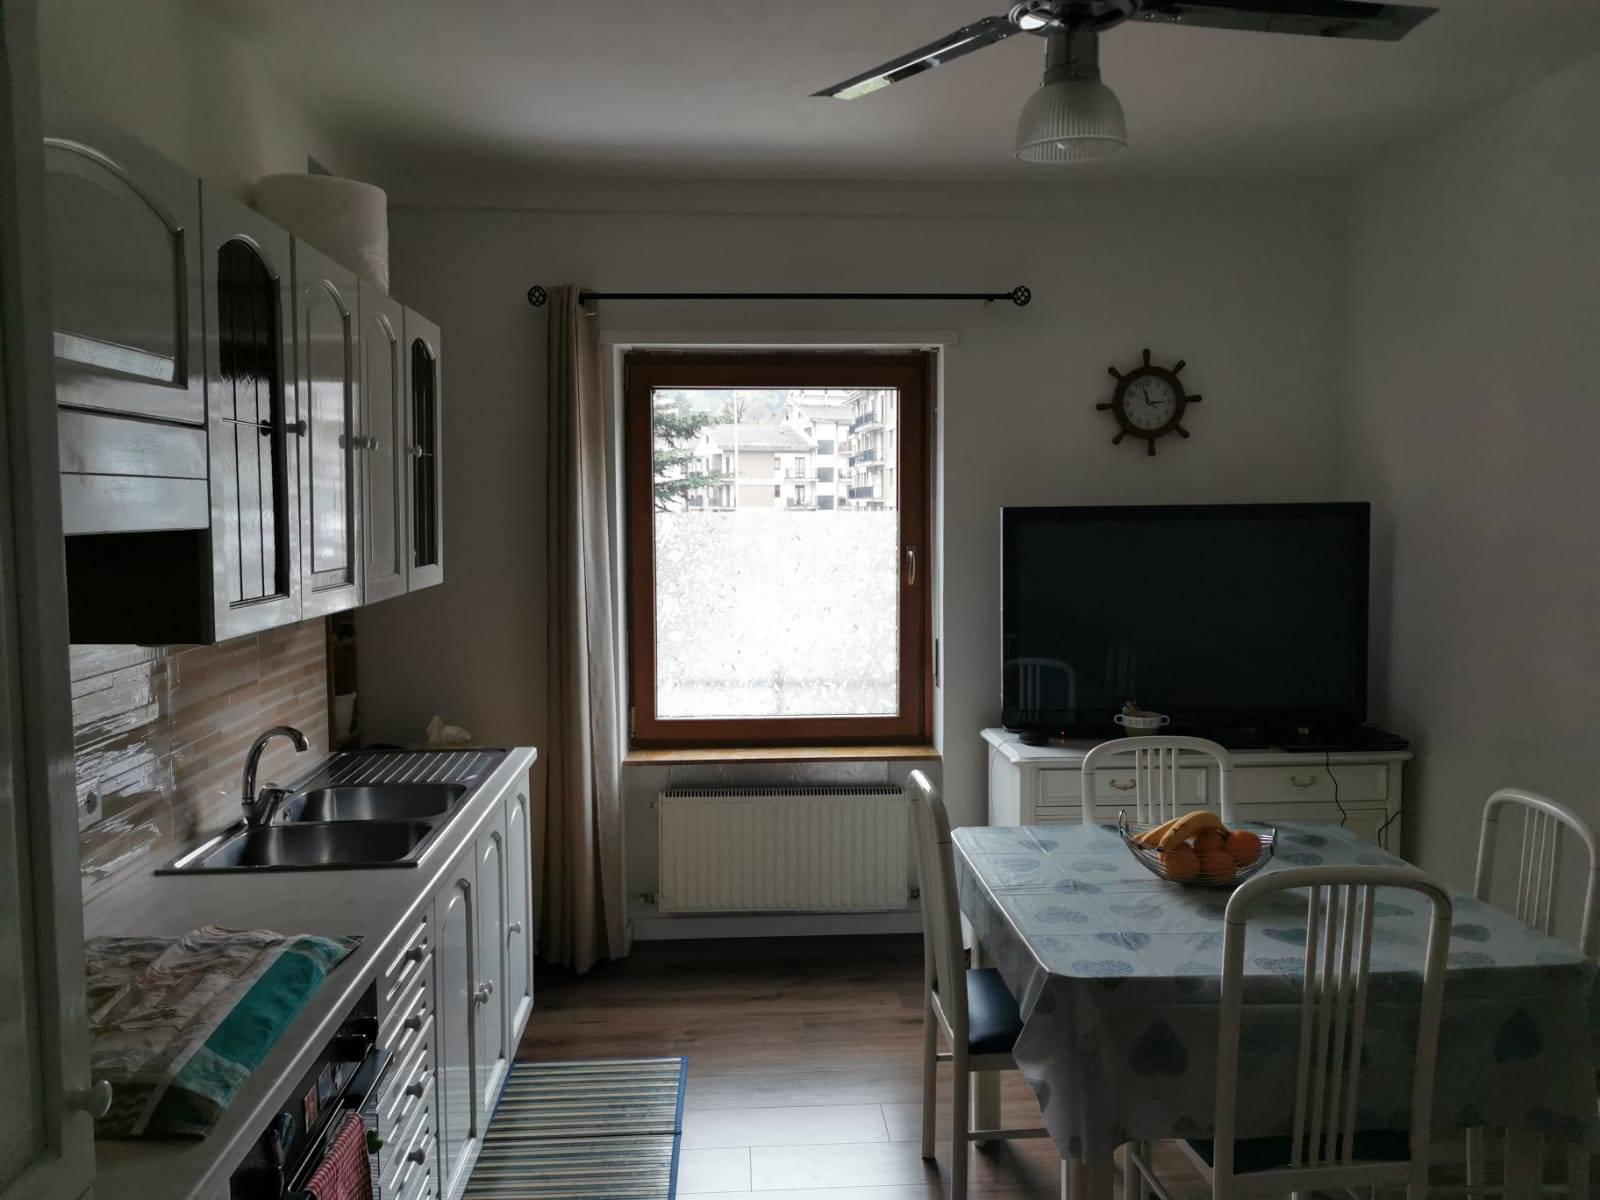 Appartamento in vendita a Aosta, 3 locali, zona Zona: Zona collinare, prezzo € 165.000 | CambioCasa.it